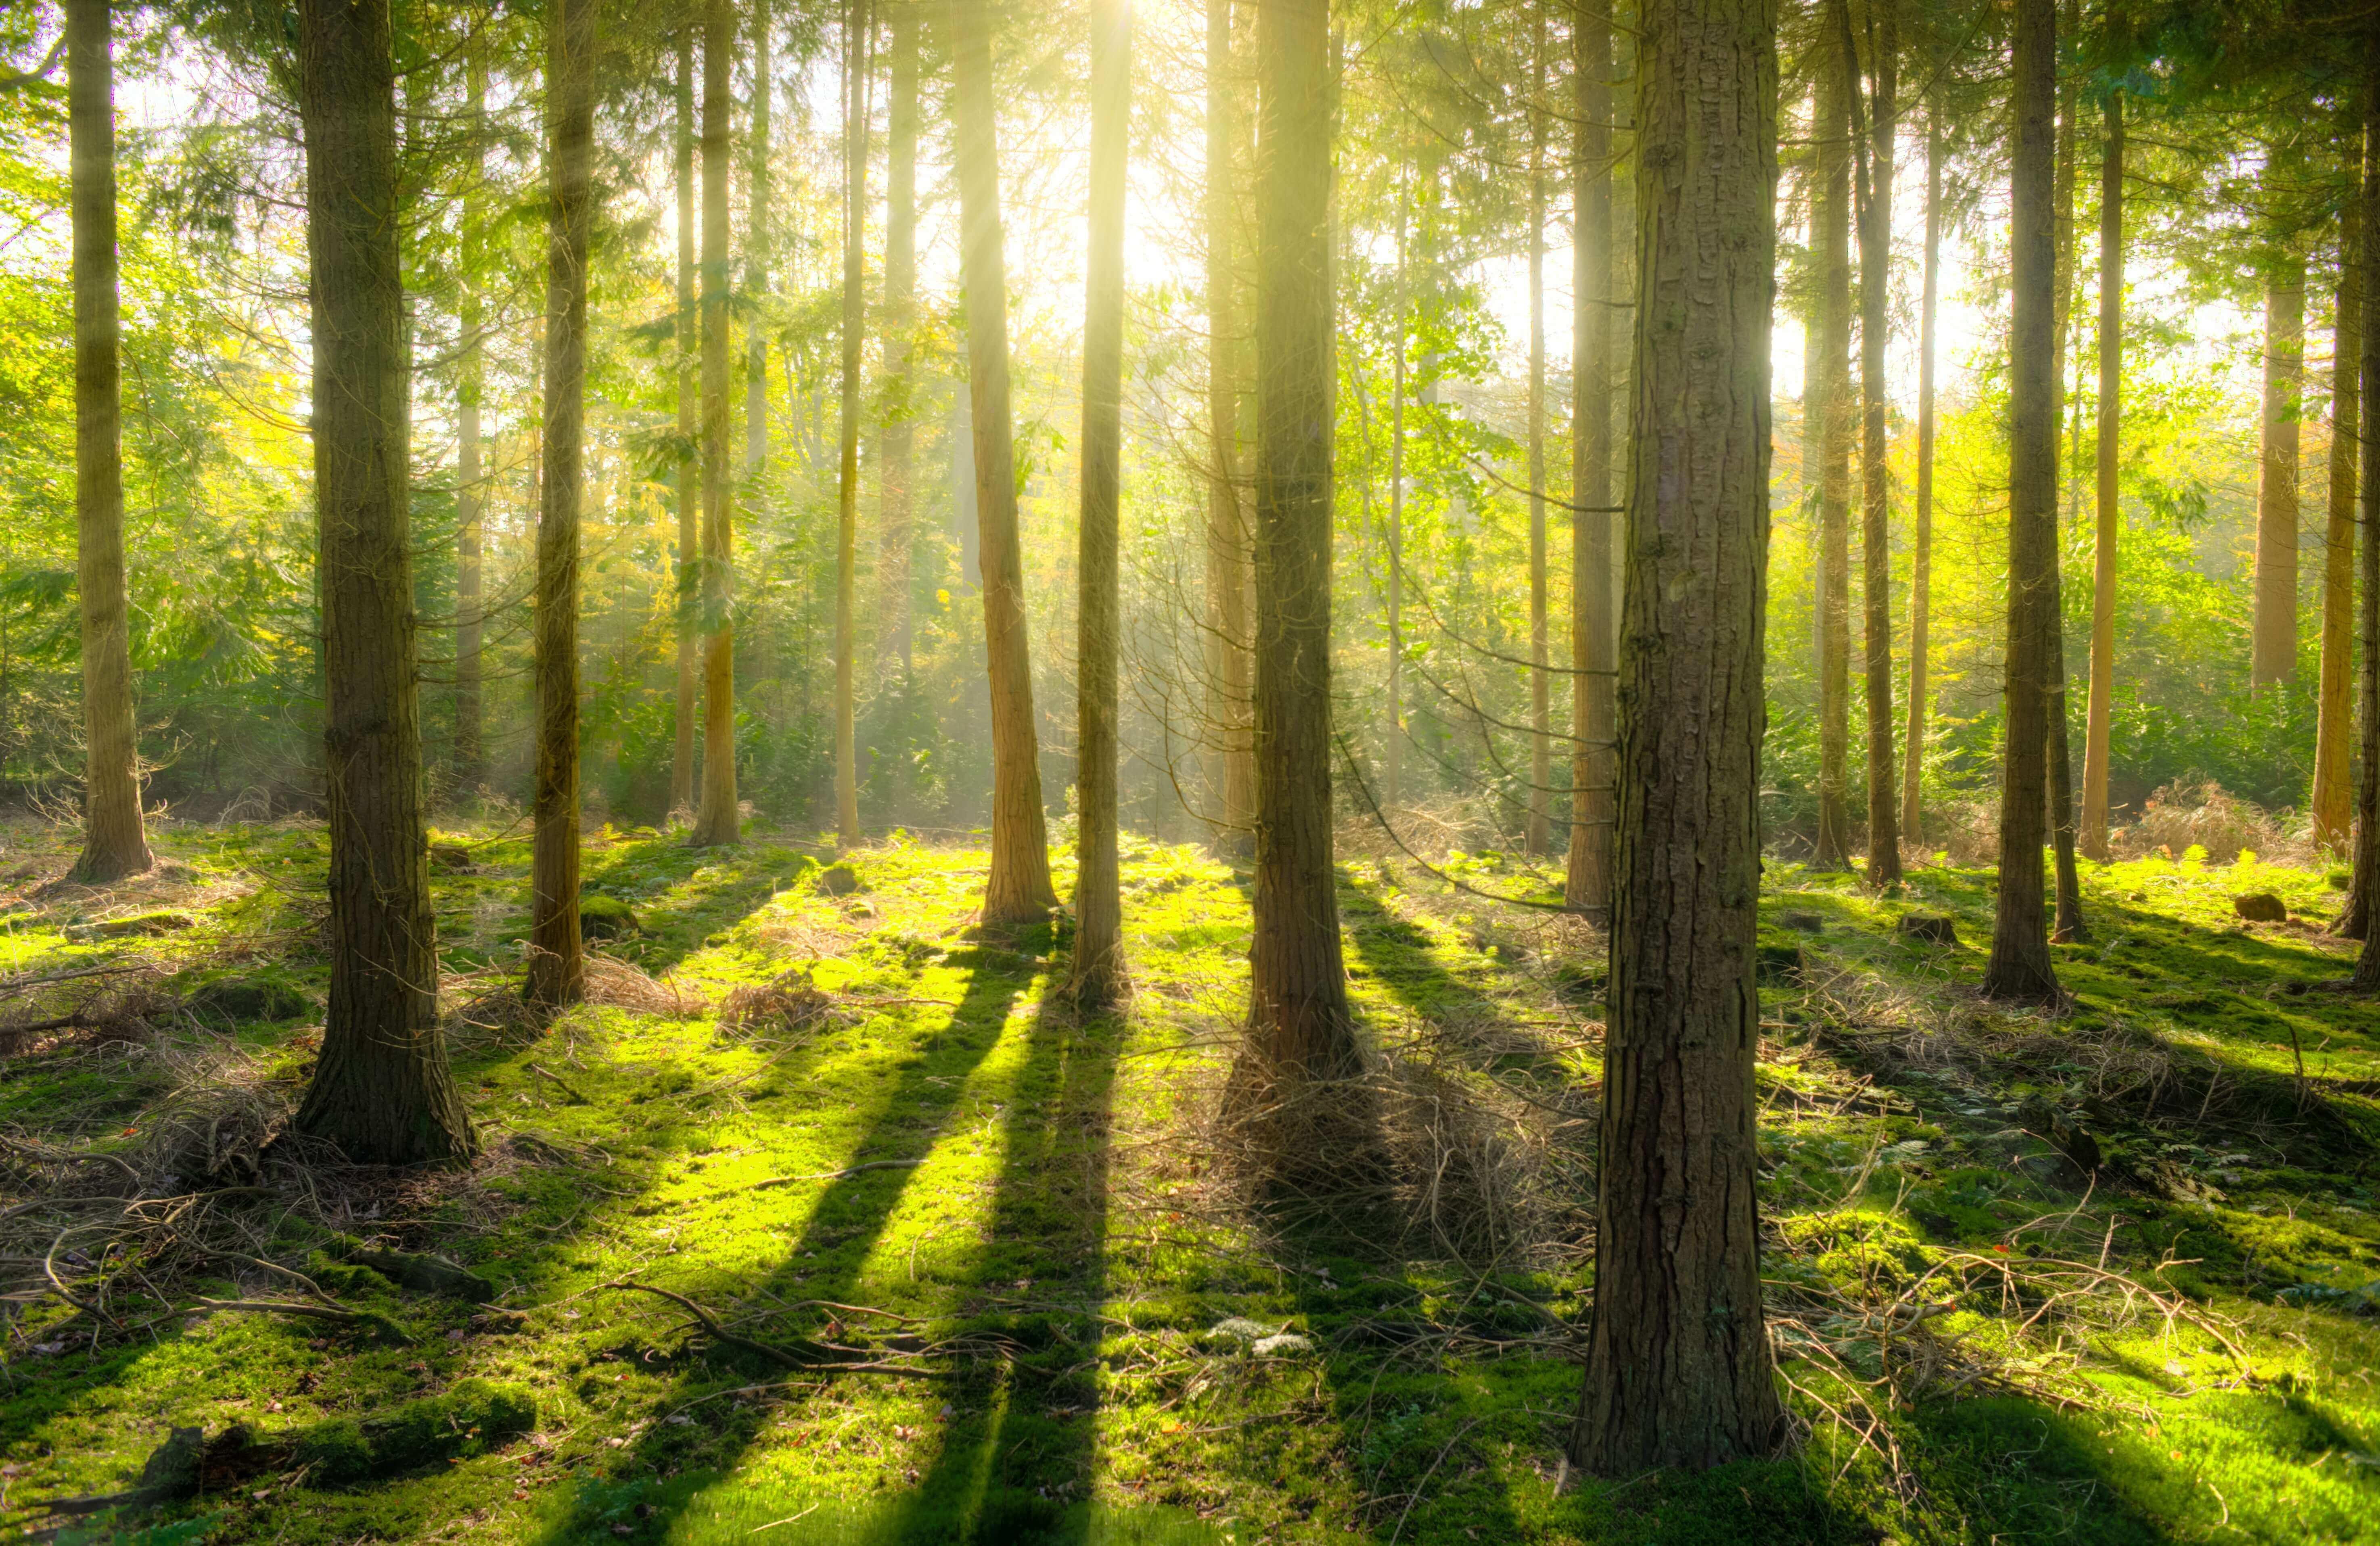 趁著連假安排一場踏青吧!推薦全台 5 大森林浴仙境